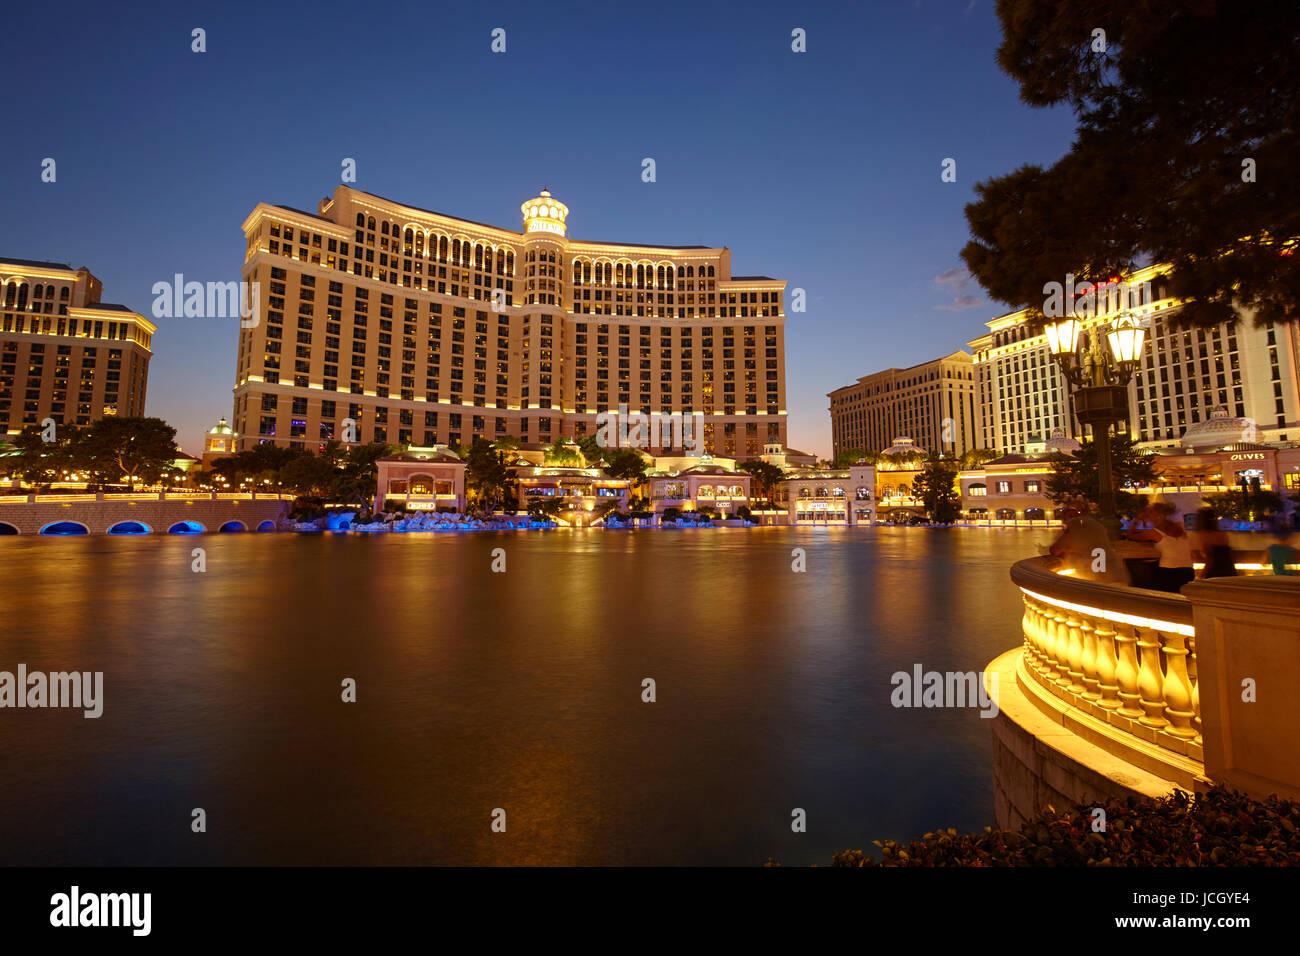 Bellagio Hotel in der Nacht, Las Vegas, Nevada, Vereinigte Staaten von Amerika Stockbild